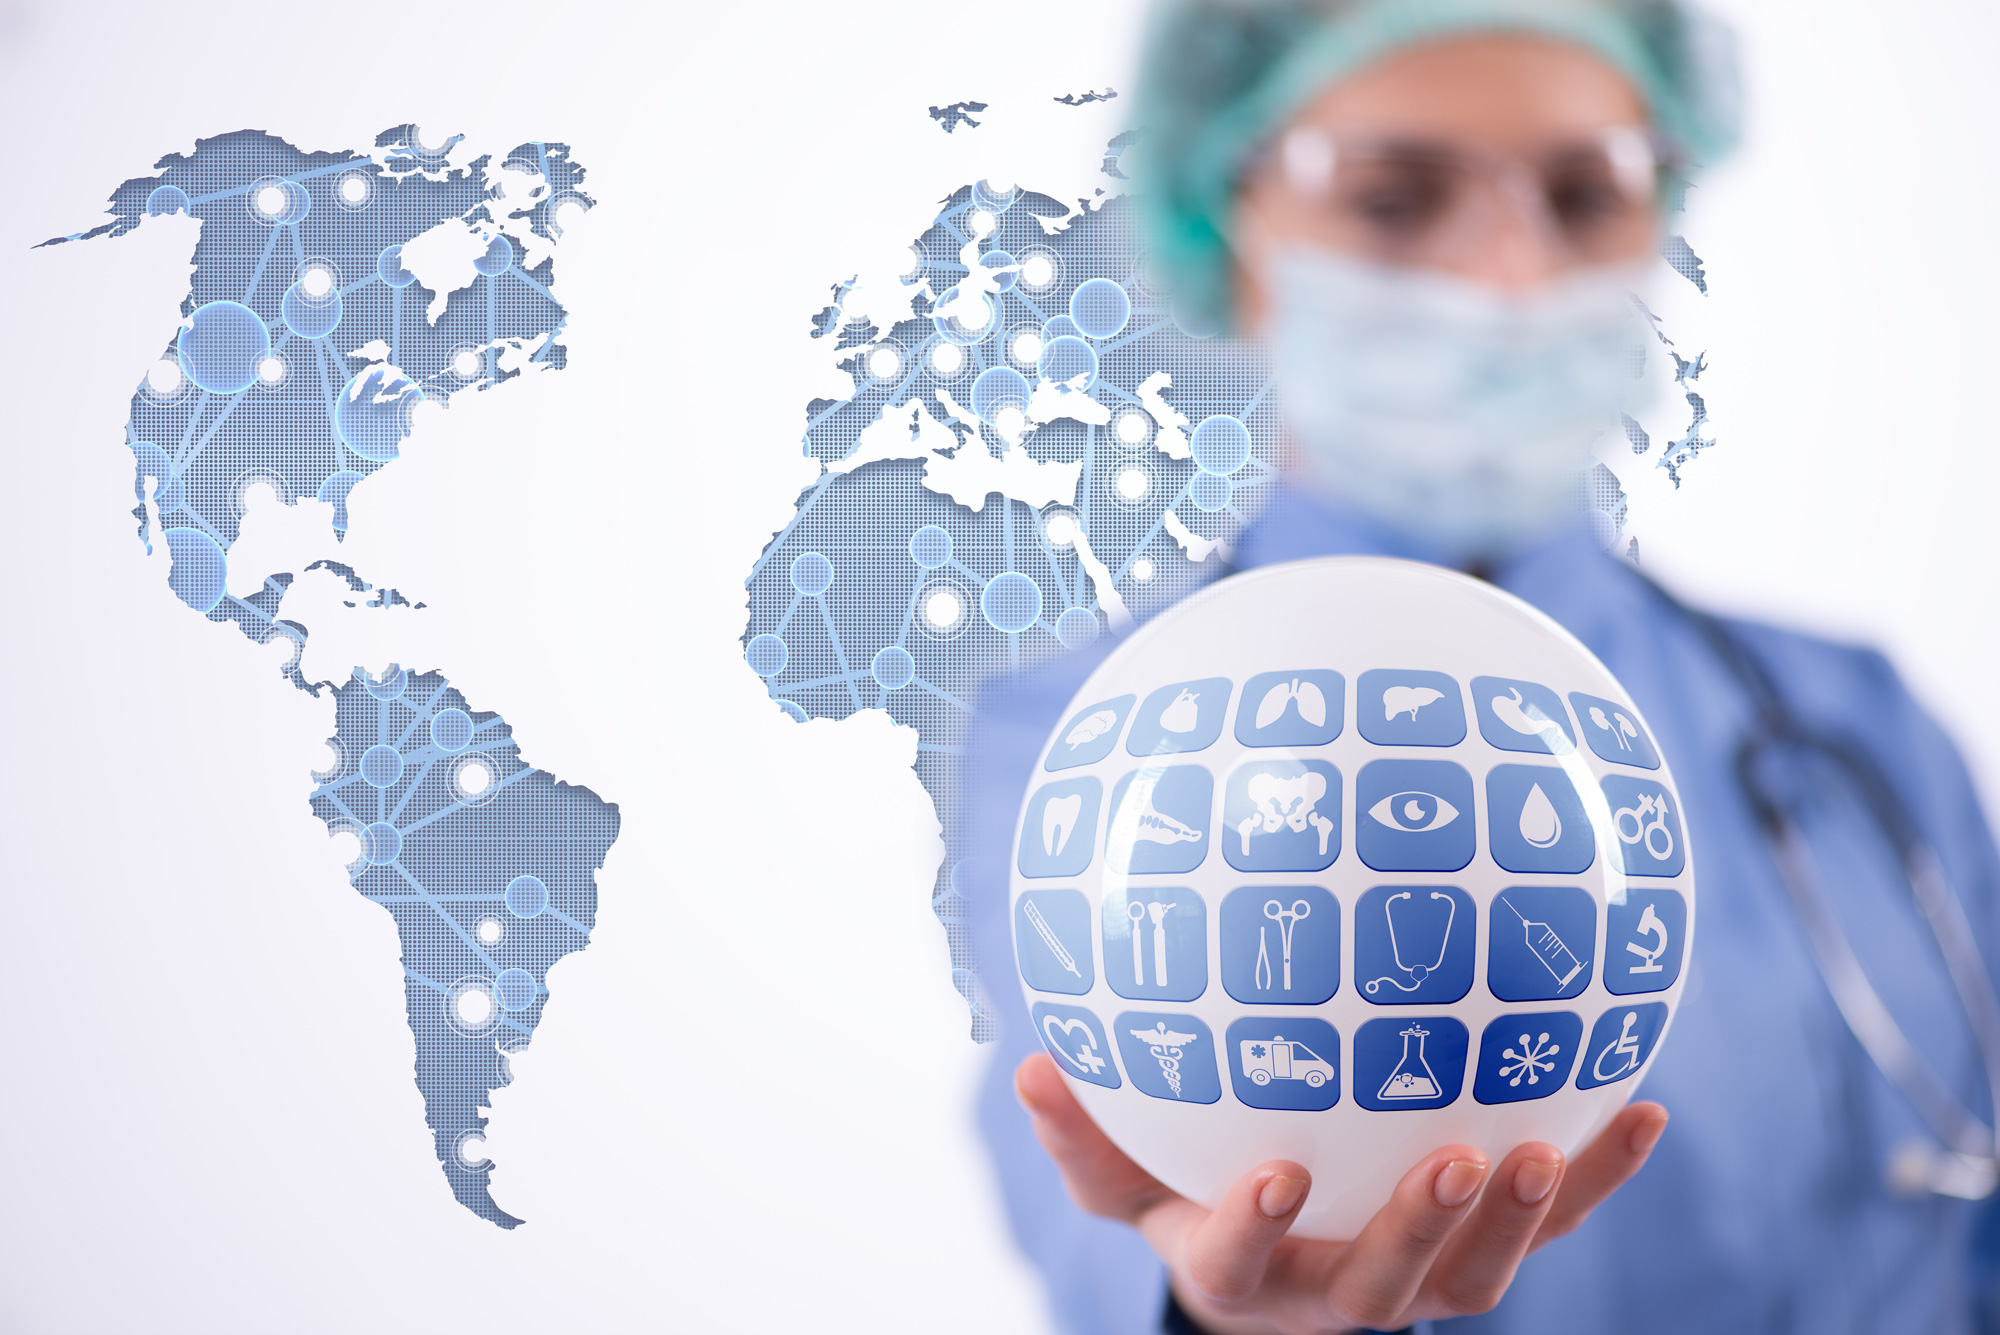 Медицинский туризм: лучшие страны для лечения за рубежом - Новости Узбекистана сегодня: nuz.uz